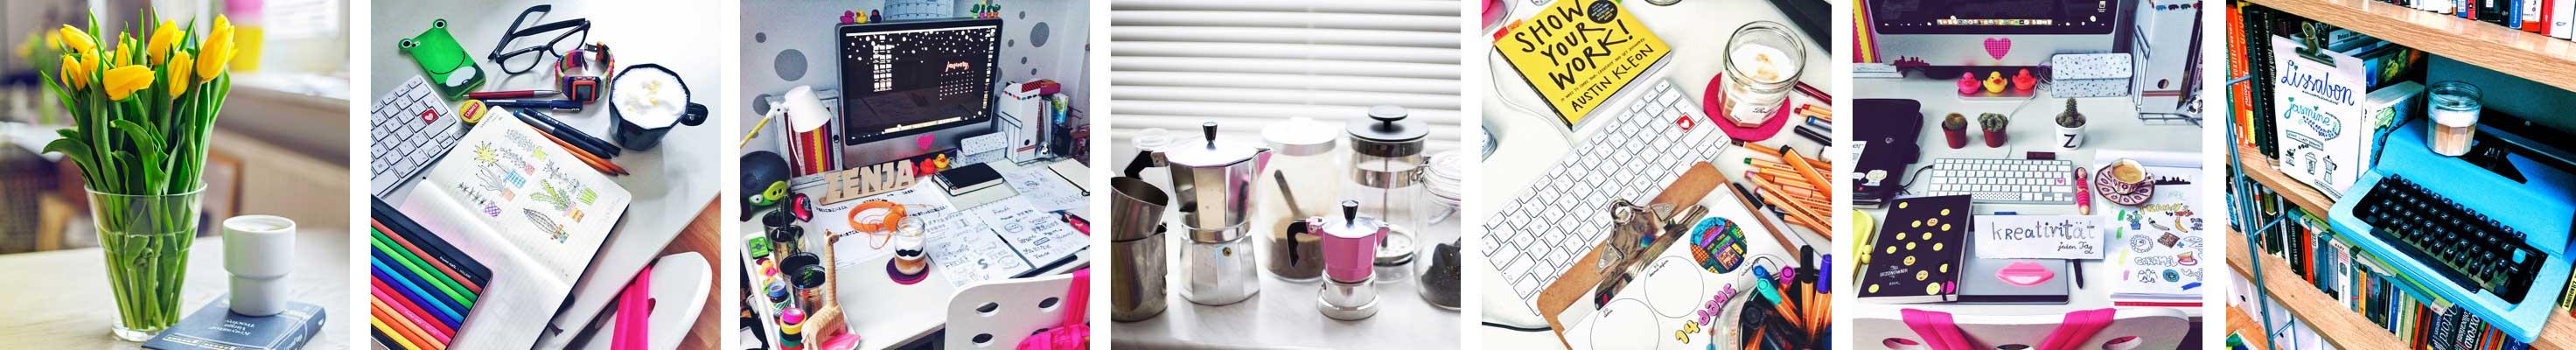 frannys, sklep, sklep z kawą, kawa smakowa, kawa aromatyzowana